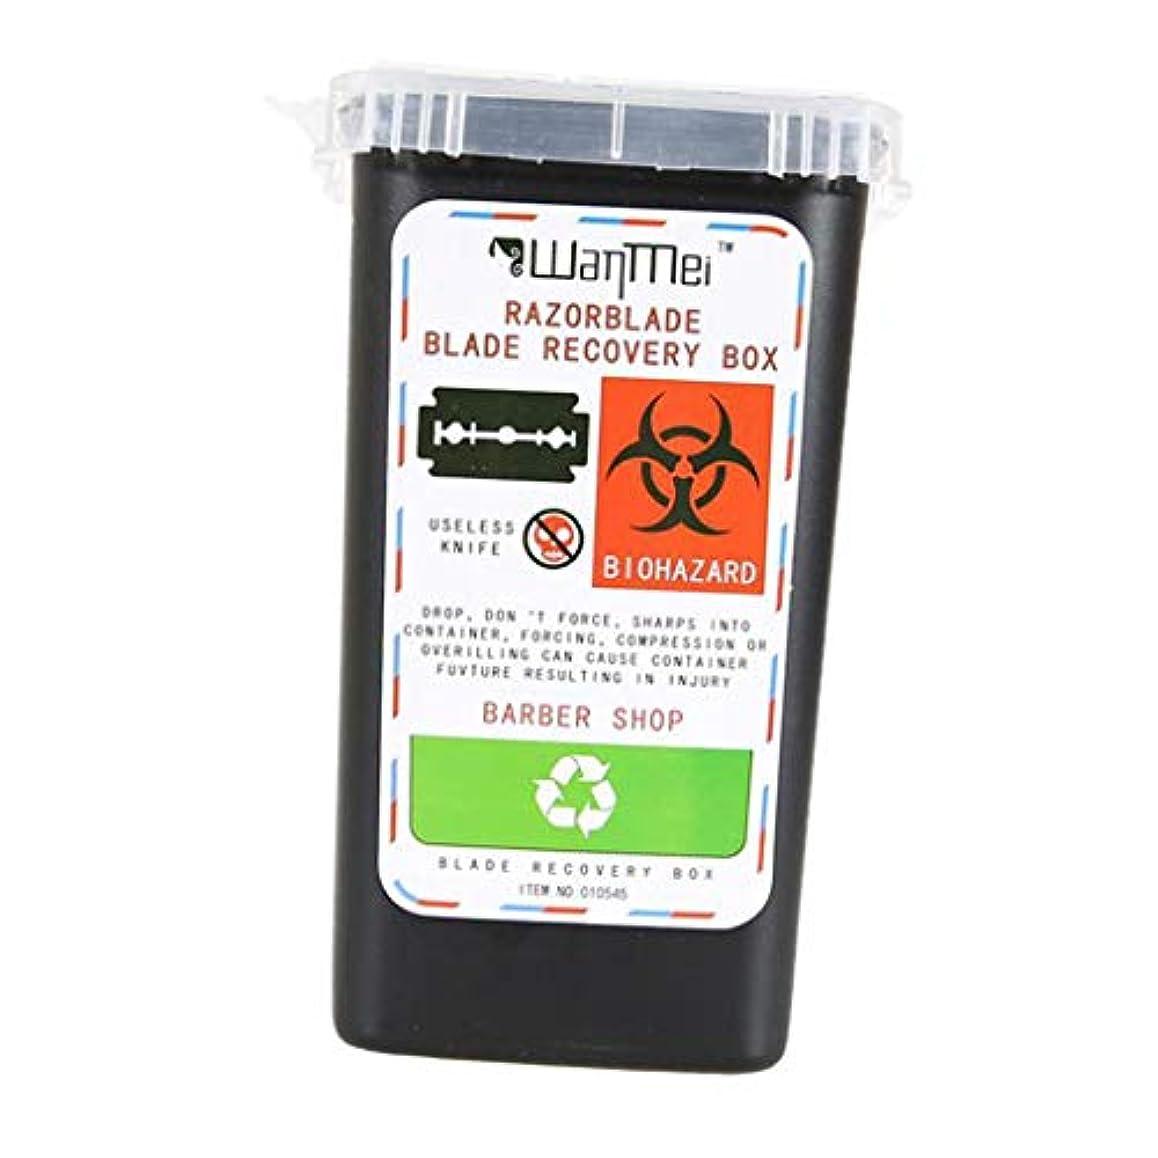 懲戒暫定ライナーToygogo プラスチック製の小さな鋭利物のバイオハザードの針の刃の処分の容器の大箱 - 黄, 9.5 x 9.5 x 15.5cm